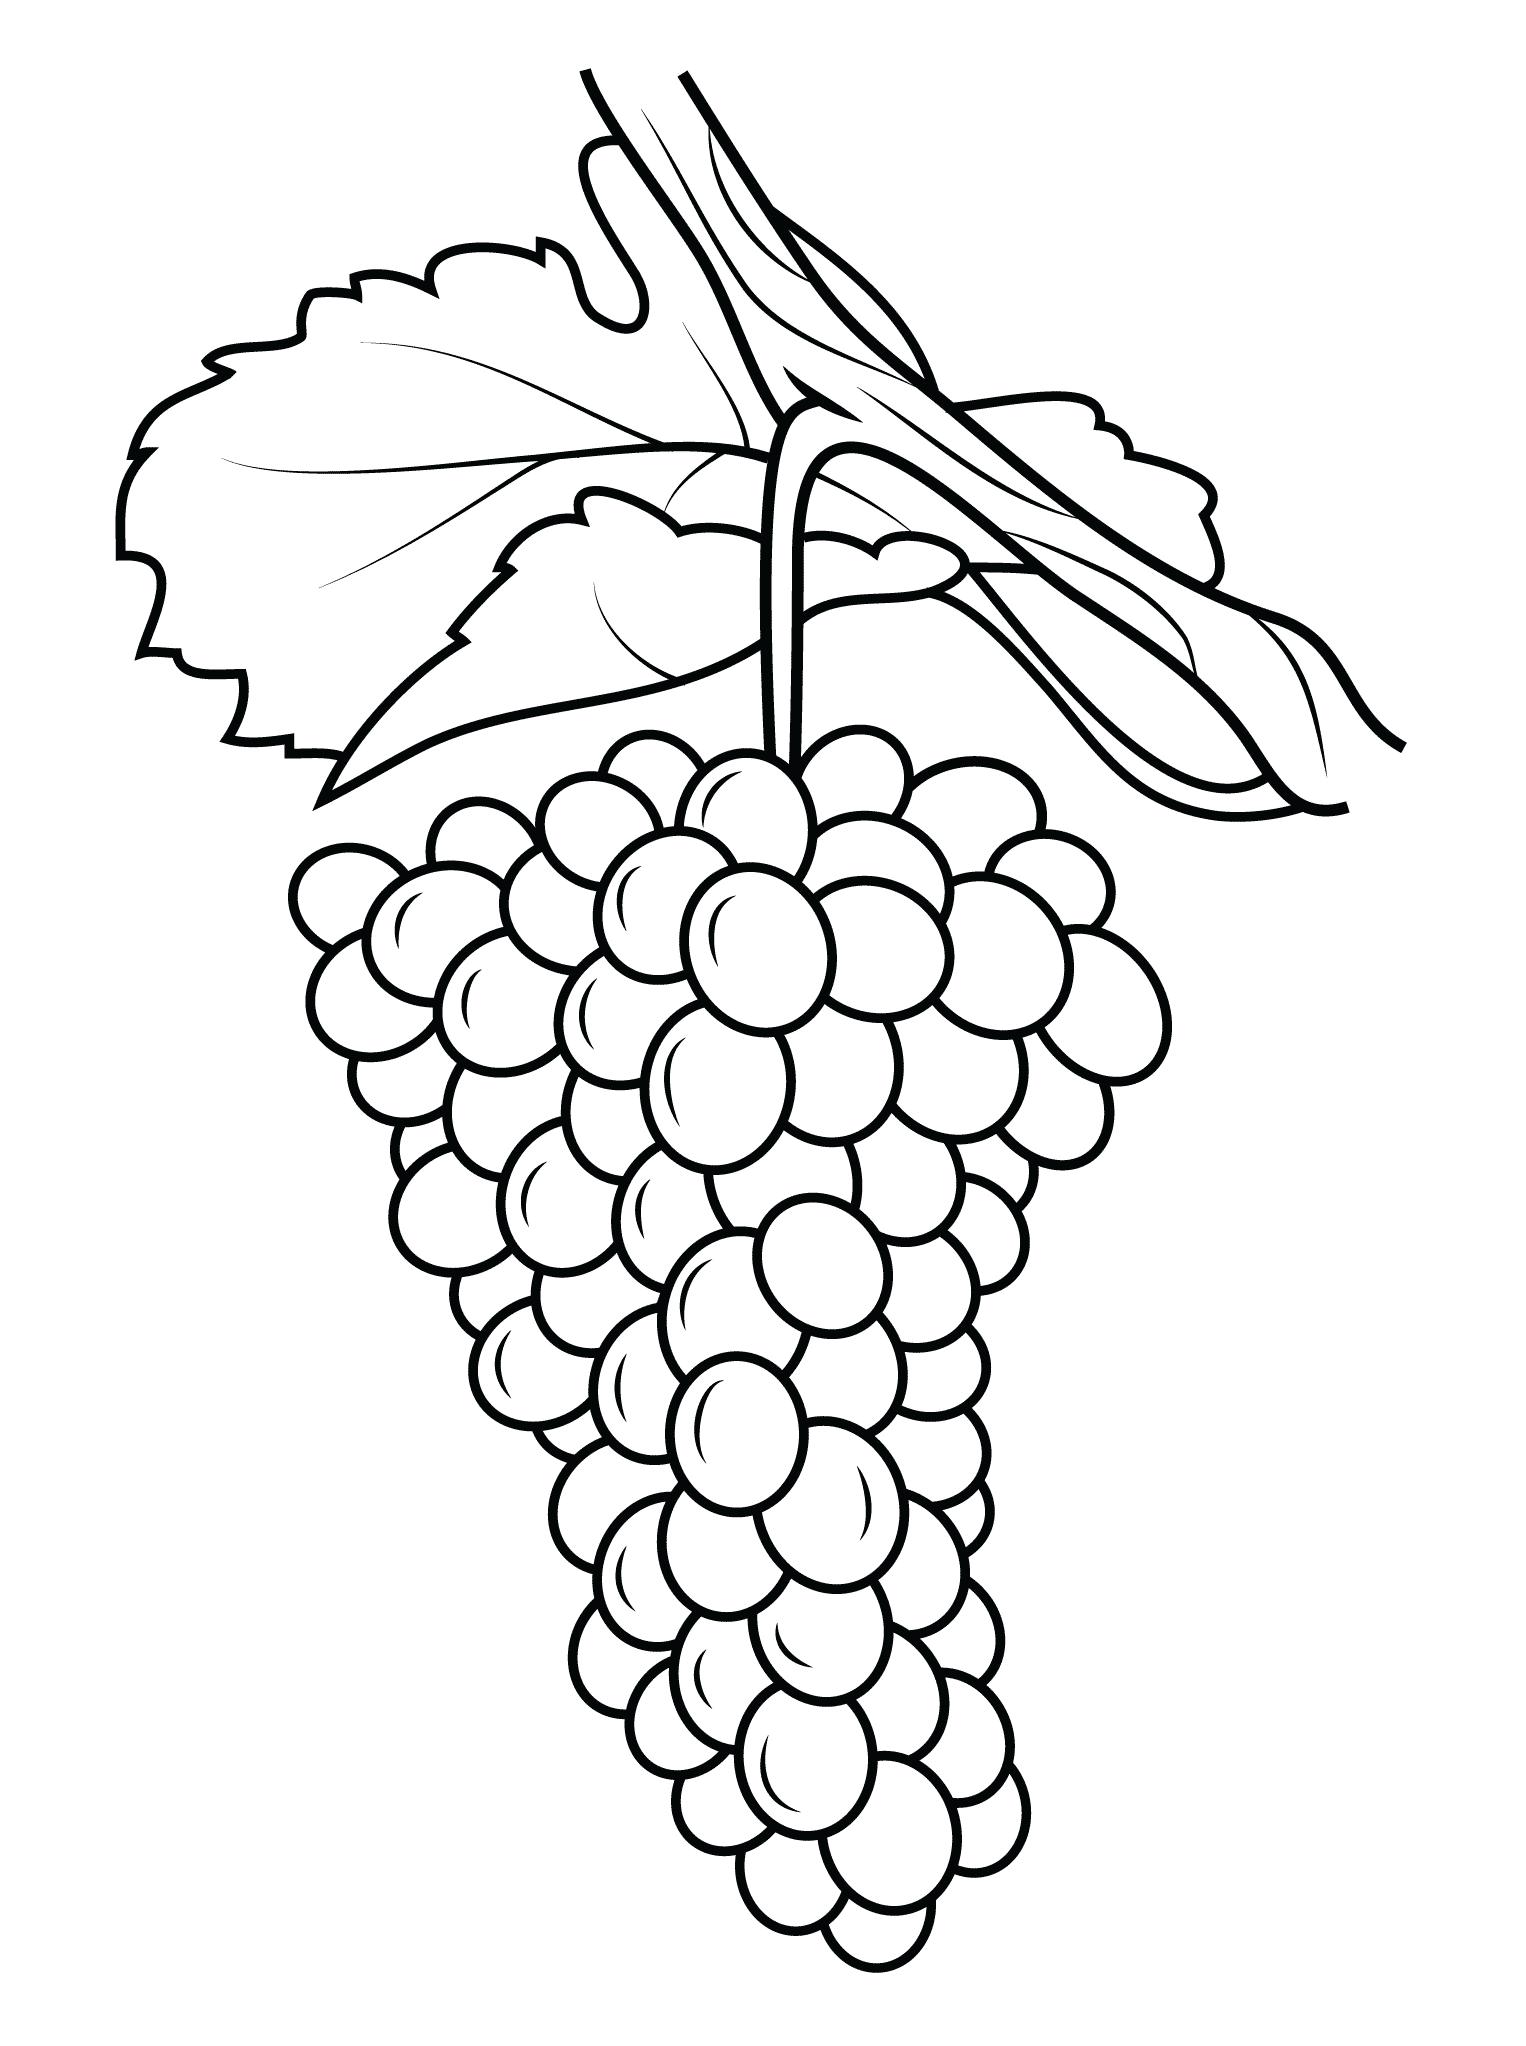 Картинка виноград для детей раскраска, февраля мужчине